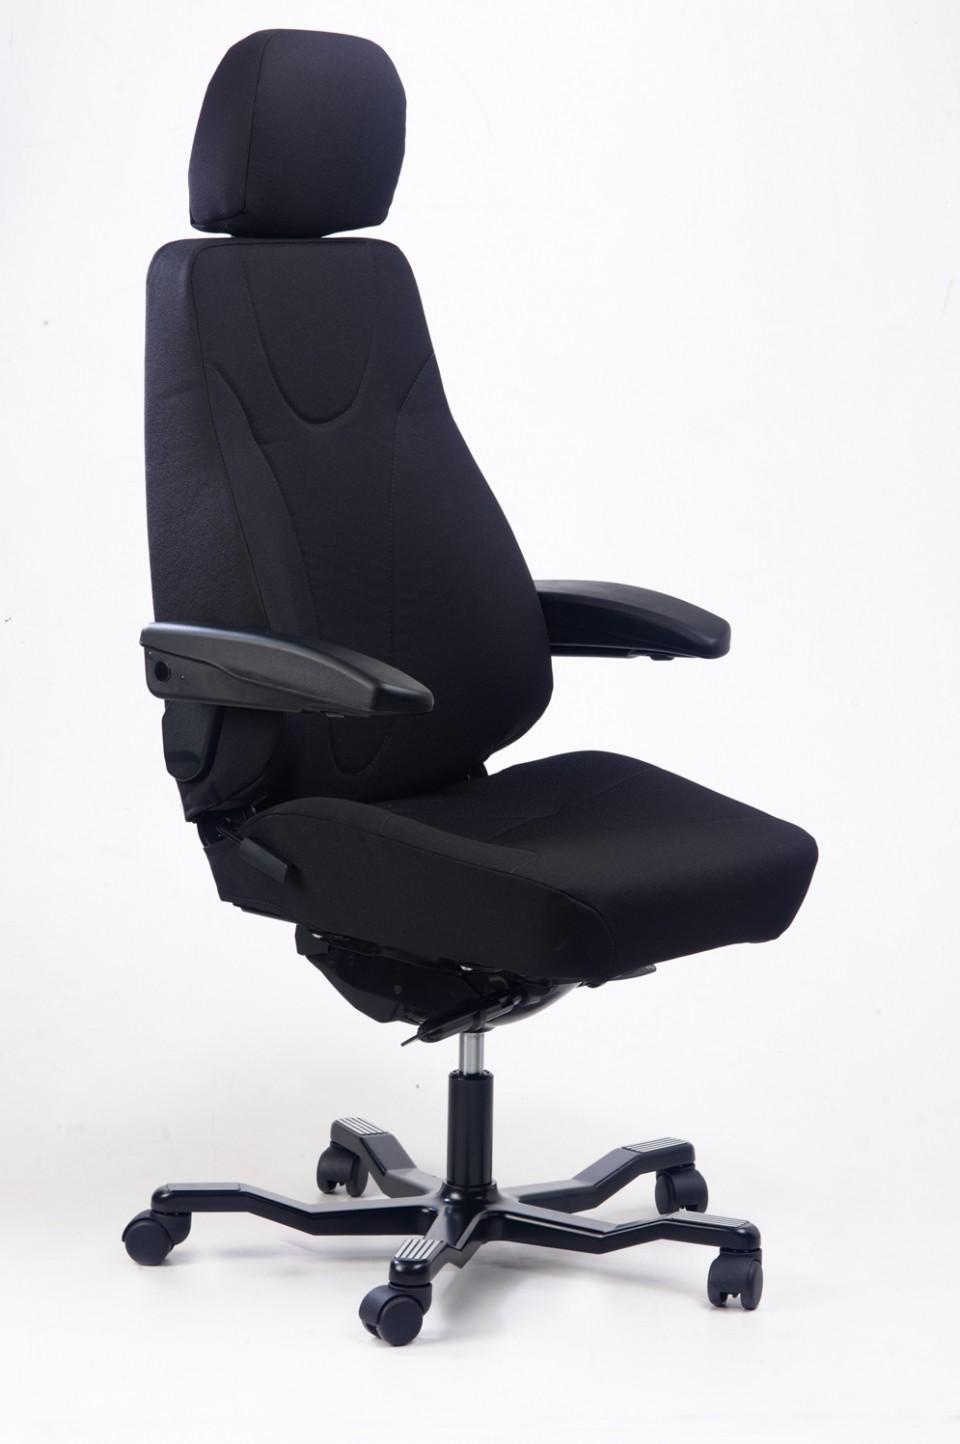 Chaise de bureau usage intensif - Fauteuil ergonomique pour ordinateur ...